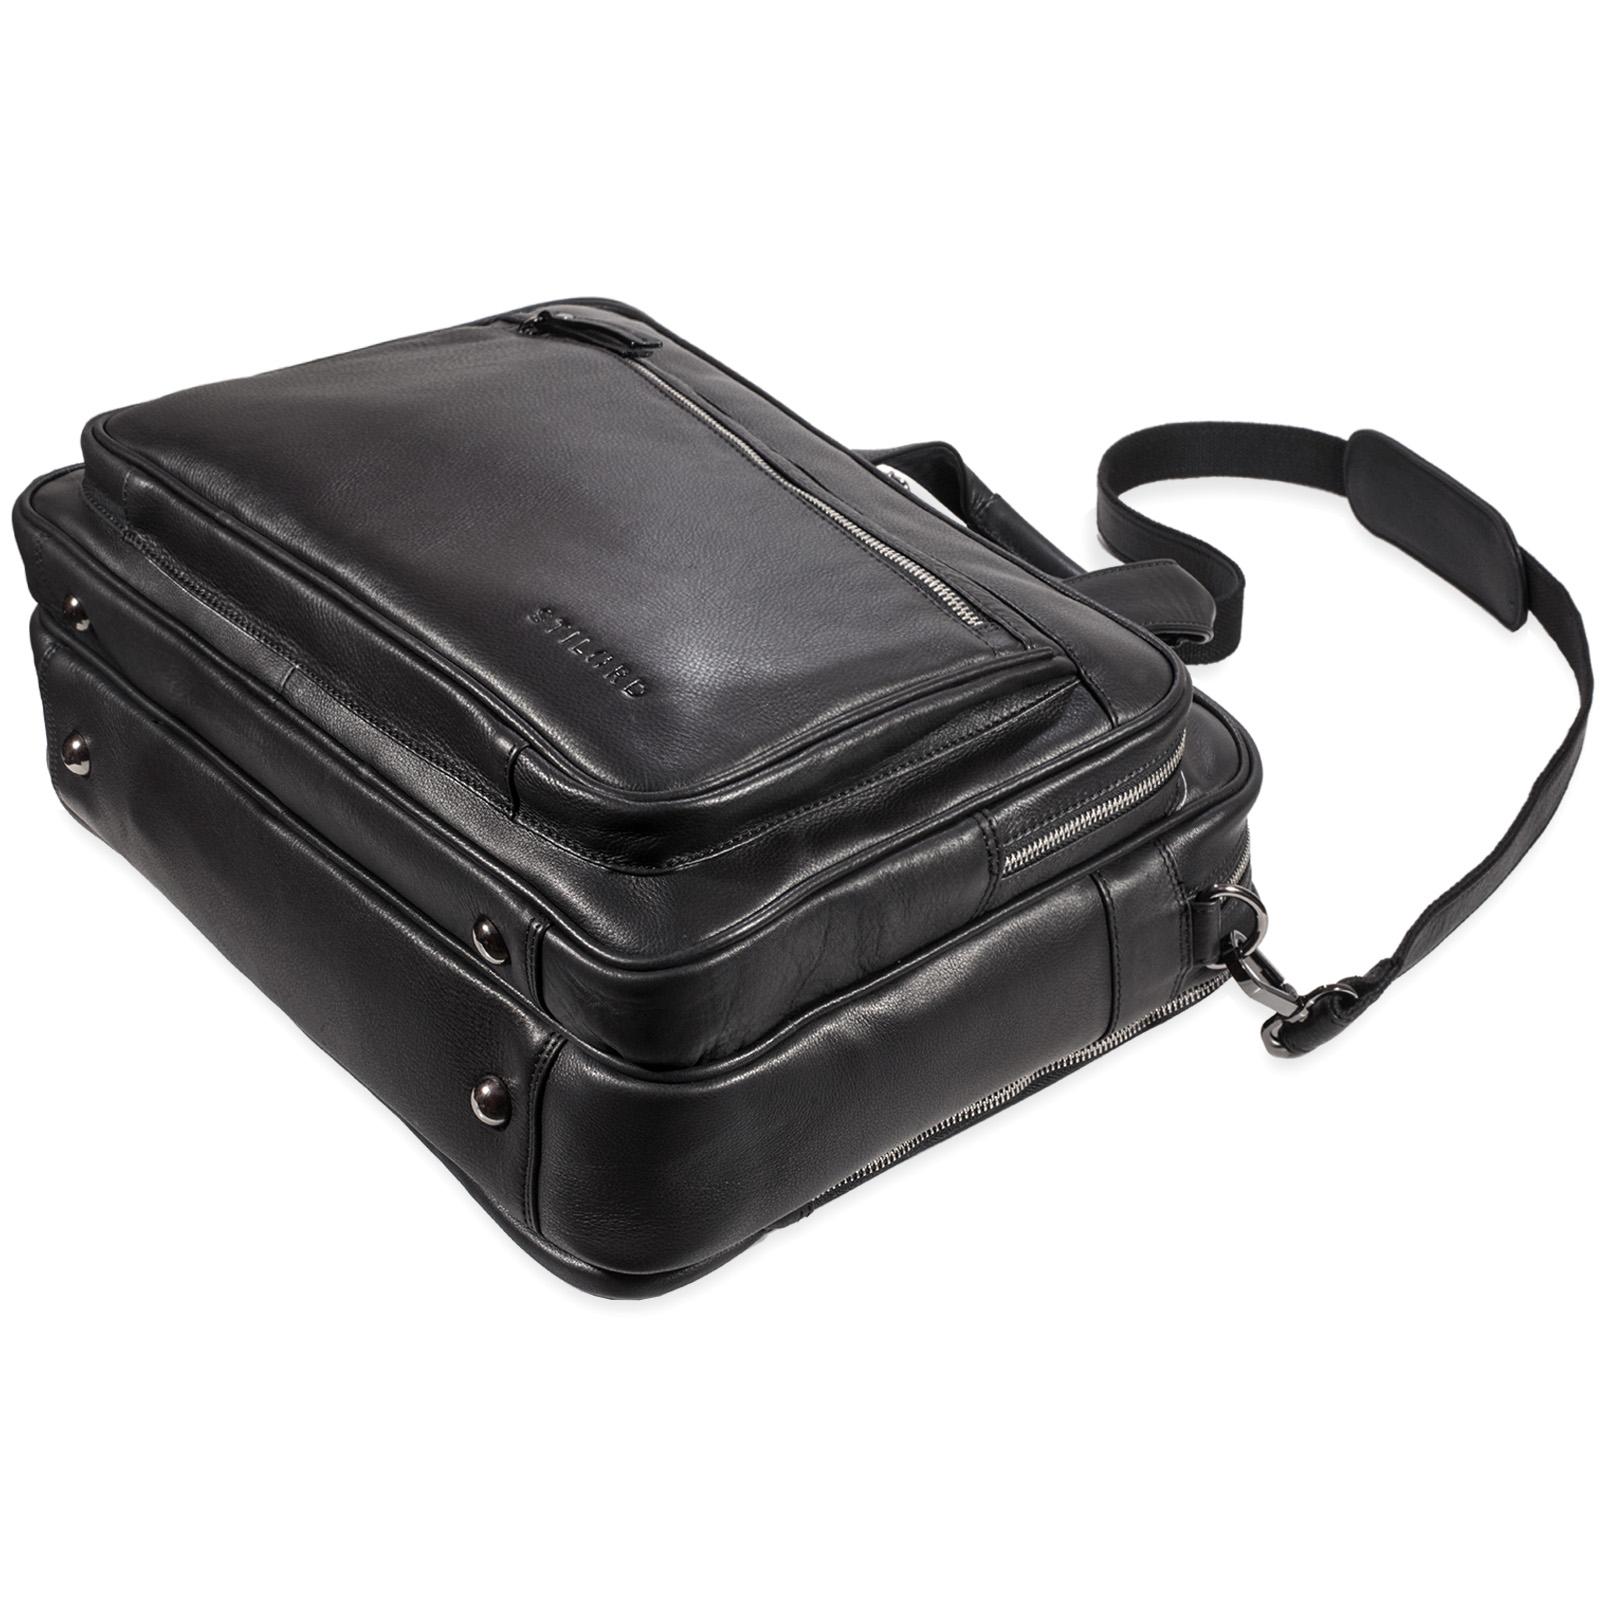 """STILORD """"Walt"""" Vintage Aktentasche Leder Herren Damen Lehrertasche XL groß Büro Business Umhängetasche für 15,6 Zoll Laptop Echt Leder  - Bild 19"""